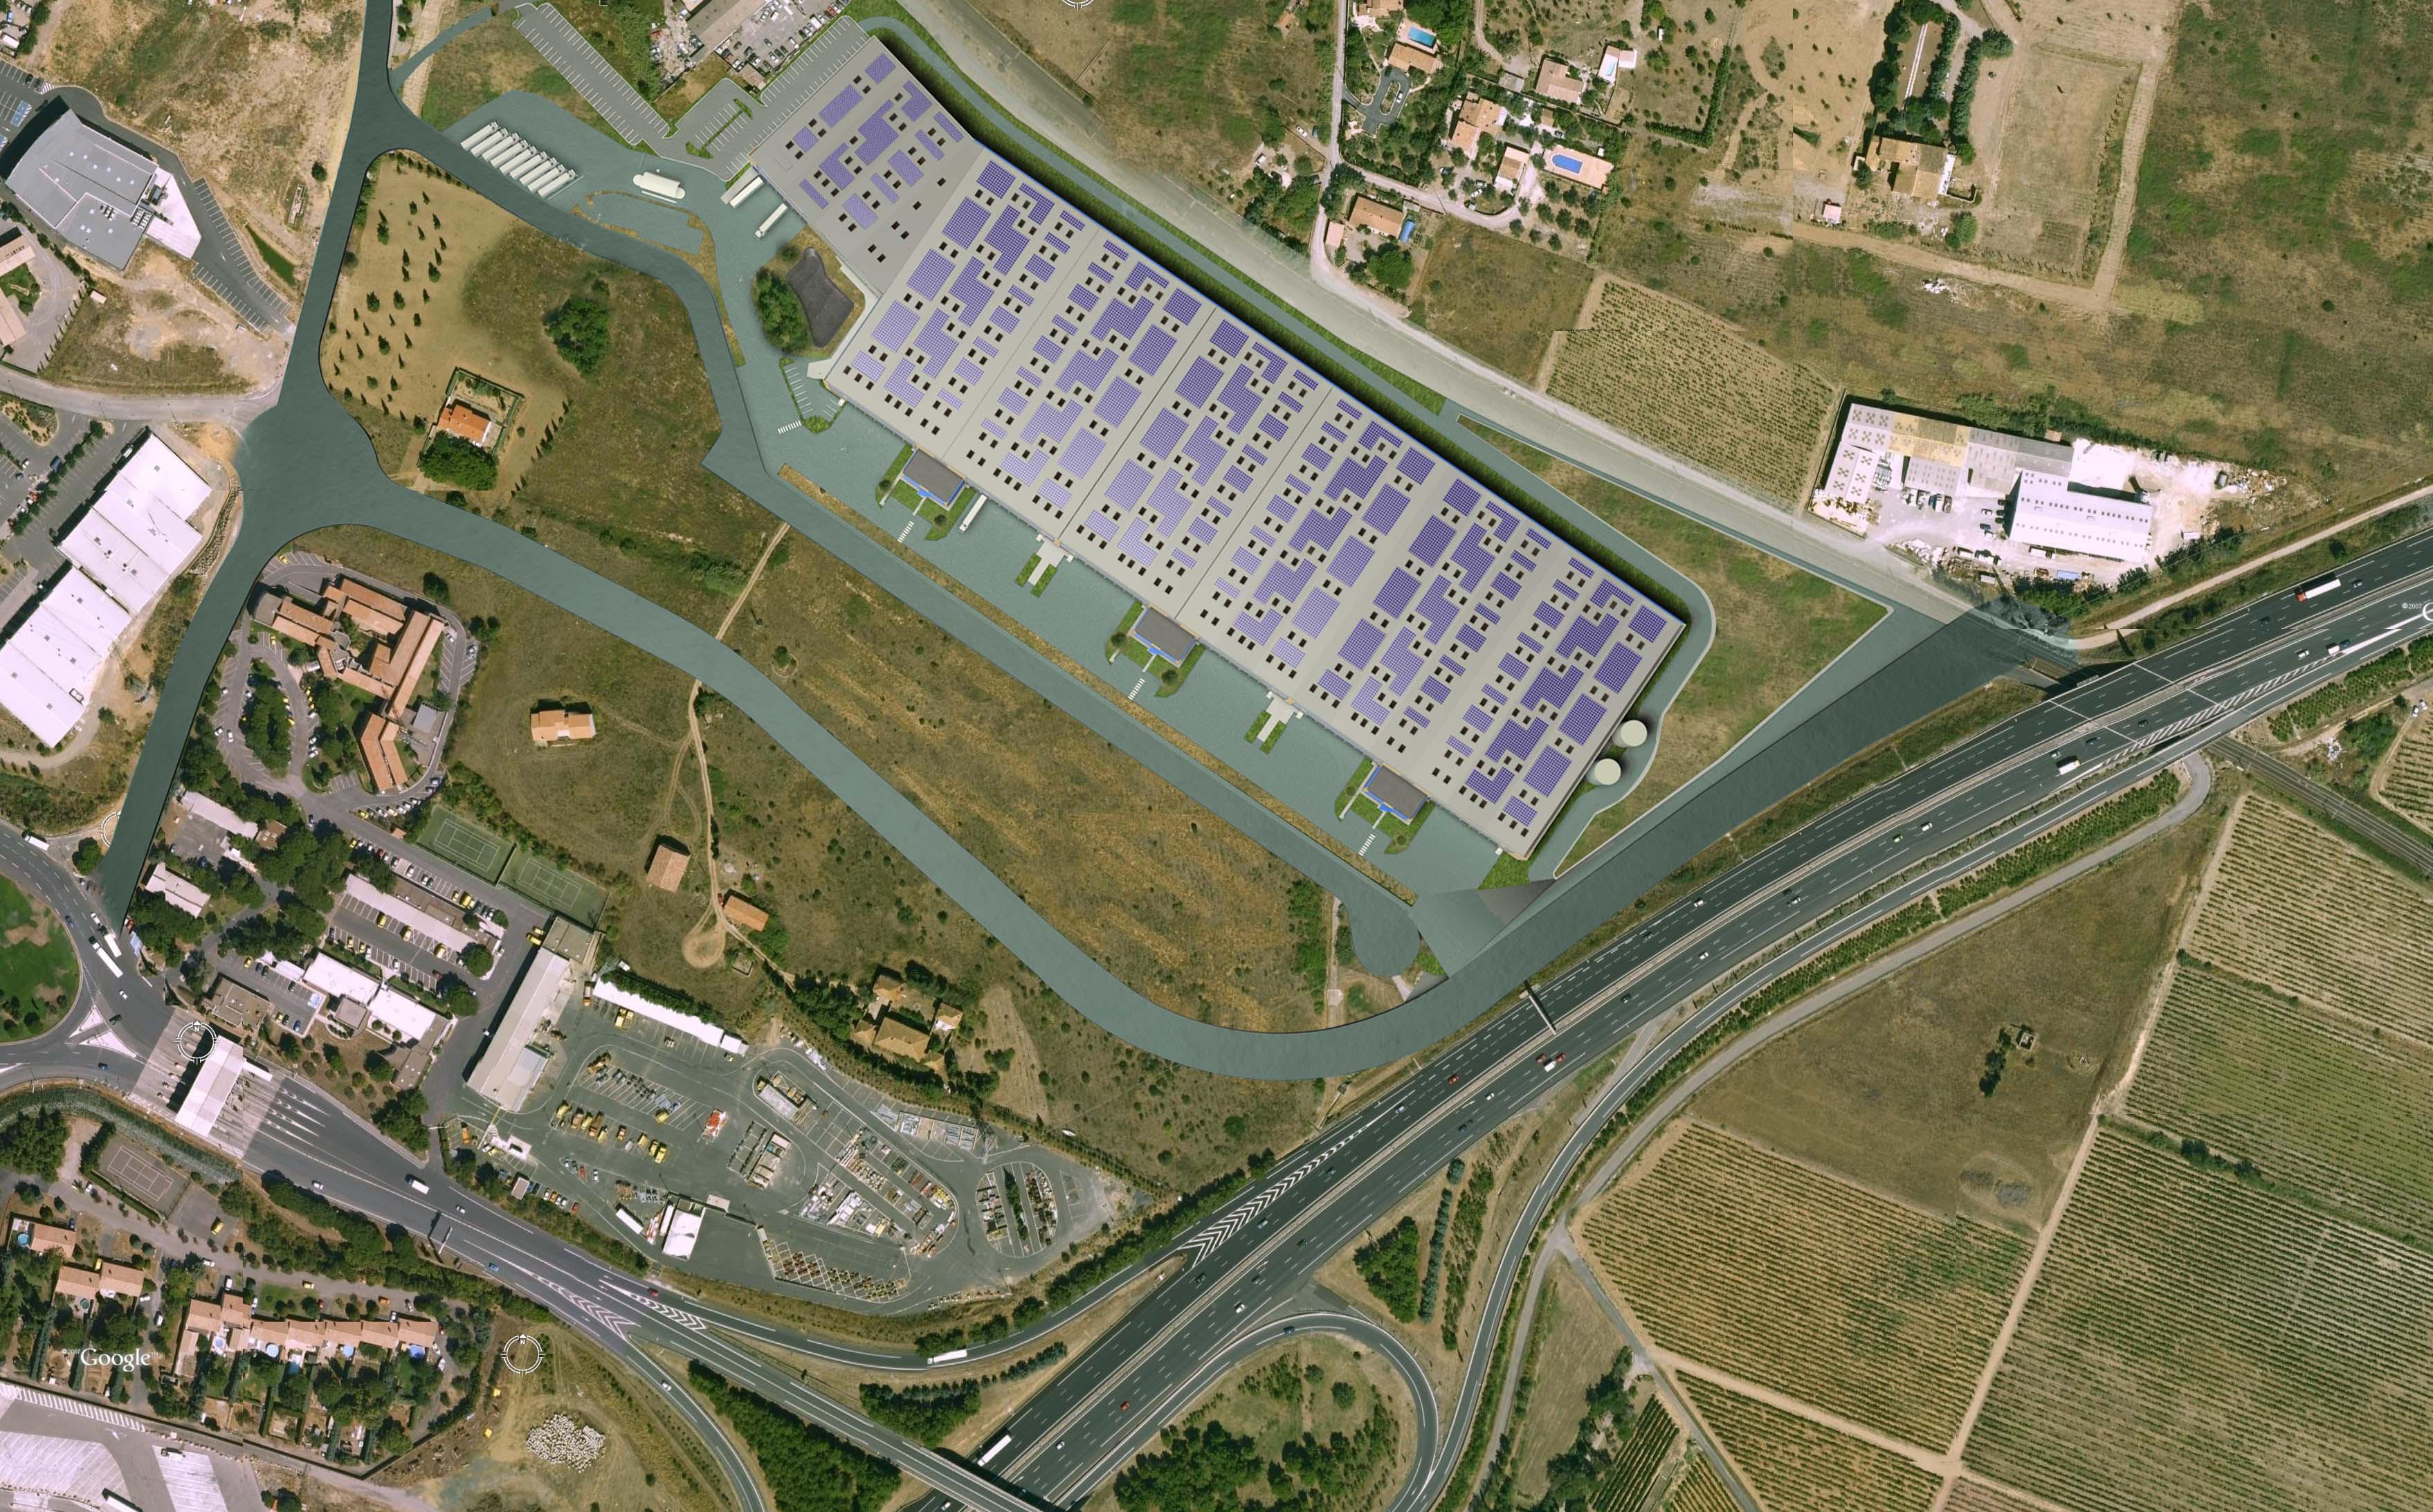 Pro2_Architecteurs_INDUS_Porte_De_Narbonne_01.jpg